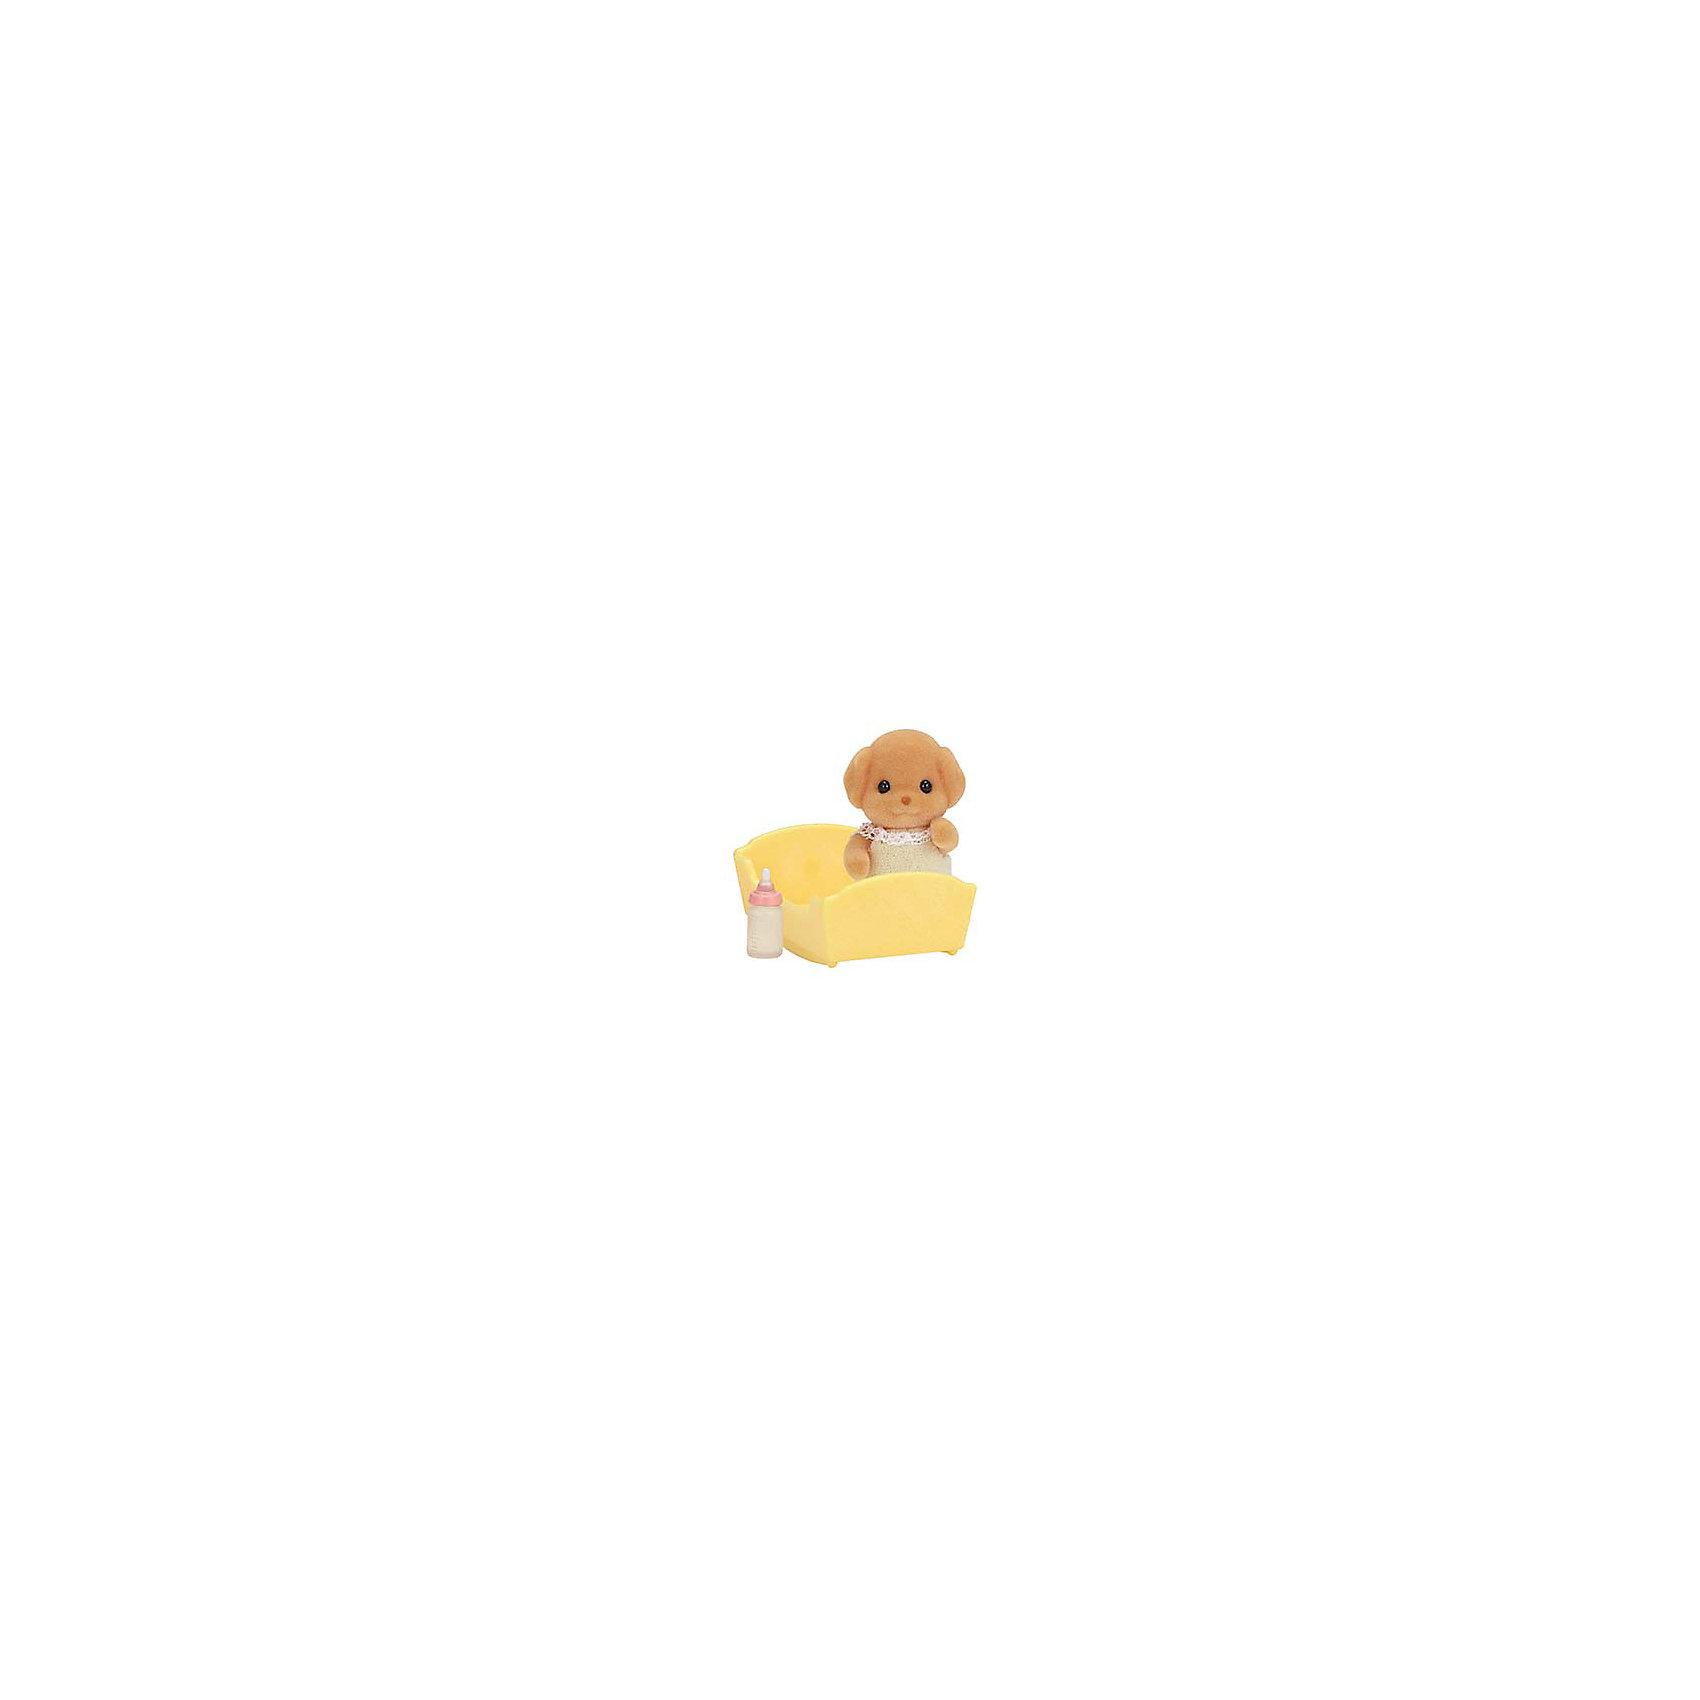 Набор Малыш Той Пудель, Sylvanian FamiliesSylvanian Families<br>Характеристики:<br><br>• Материал: ПВХ с полимерным напылением, текстиль <br>• Комплектация: щенок той пуделя, колыбелька, бутылочка<br>• Размер фигурки: ? 5 см<br>• Голова и лапы – подвижные<br>• Особенности ухода: фигурку можно купать, одежда – ручная стирка<br>• Размер упаковки (Д*Ш*В): 7,5*3,5*10 см<br>• Вес: 50 г<br>• Упаковка: картонная коробка с блистером<br><br>Фигурки выполнены из экологически безопасного материала, сверху покрыты напылением, придающим животным бархатистую поверхность. Фигурки можно купать, одежду – стирать. У персонажей подвижные головы и лапки, что делает их особенно правдоподобными и удобными в играх. Набор Малыш Той Пудель, Sylvanian Families состоит из малютки той пуделя, бутылочки для его кормления и колыбельки. <br><br>Набор Малыш Той Пудель, Sylvanian Families можно купить в нашем интернет-магазине.<br><br>Ширина мм: 123<br>Глубина мм: 88<br>Высота мм: 38<br>Вес г: 44<br>Возраст от месяцев: 48<br>Возраст до месяцев: 96<br>Пол: Женский<br>Возраст: Детский<br>SKU: 5467535